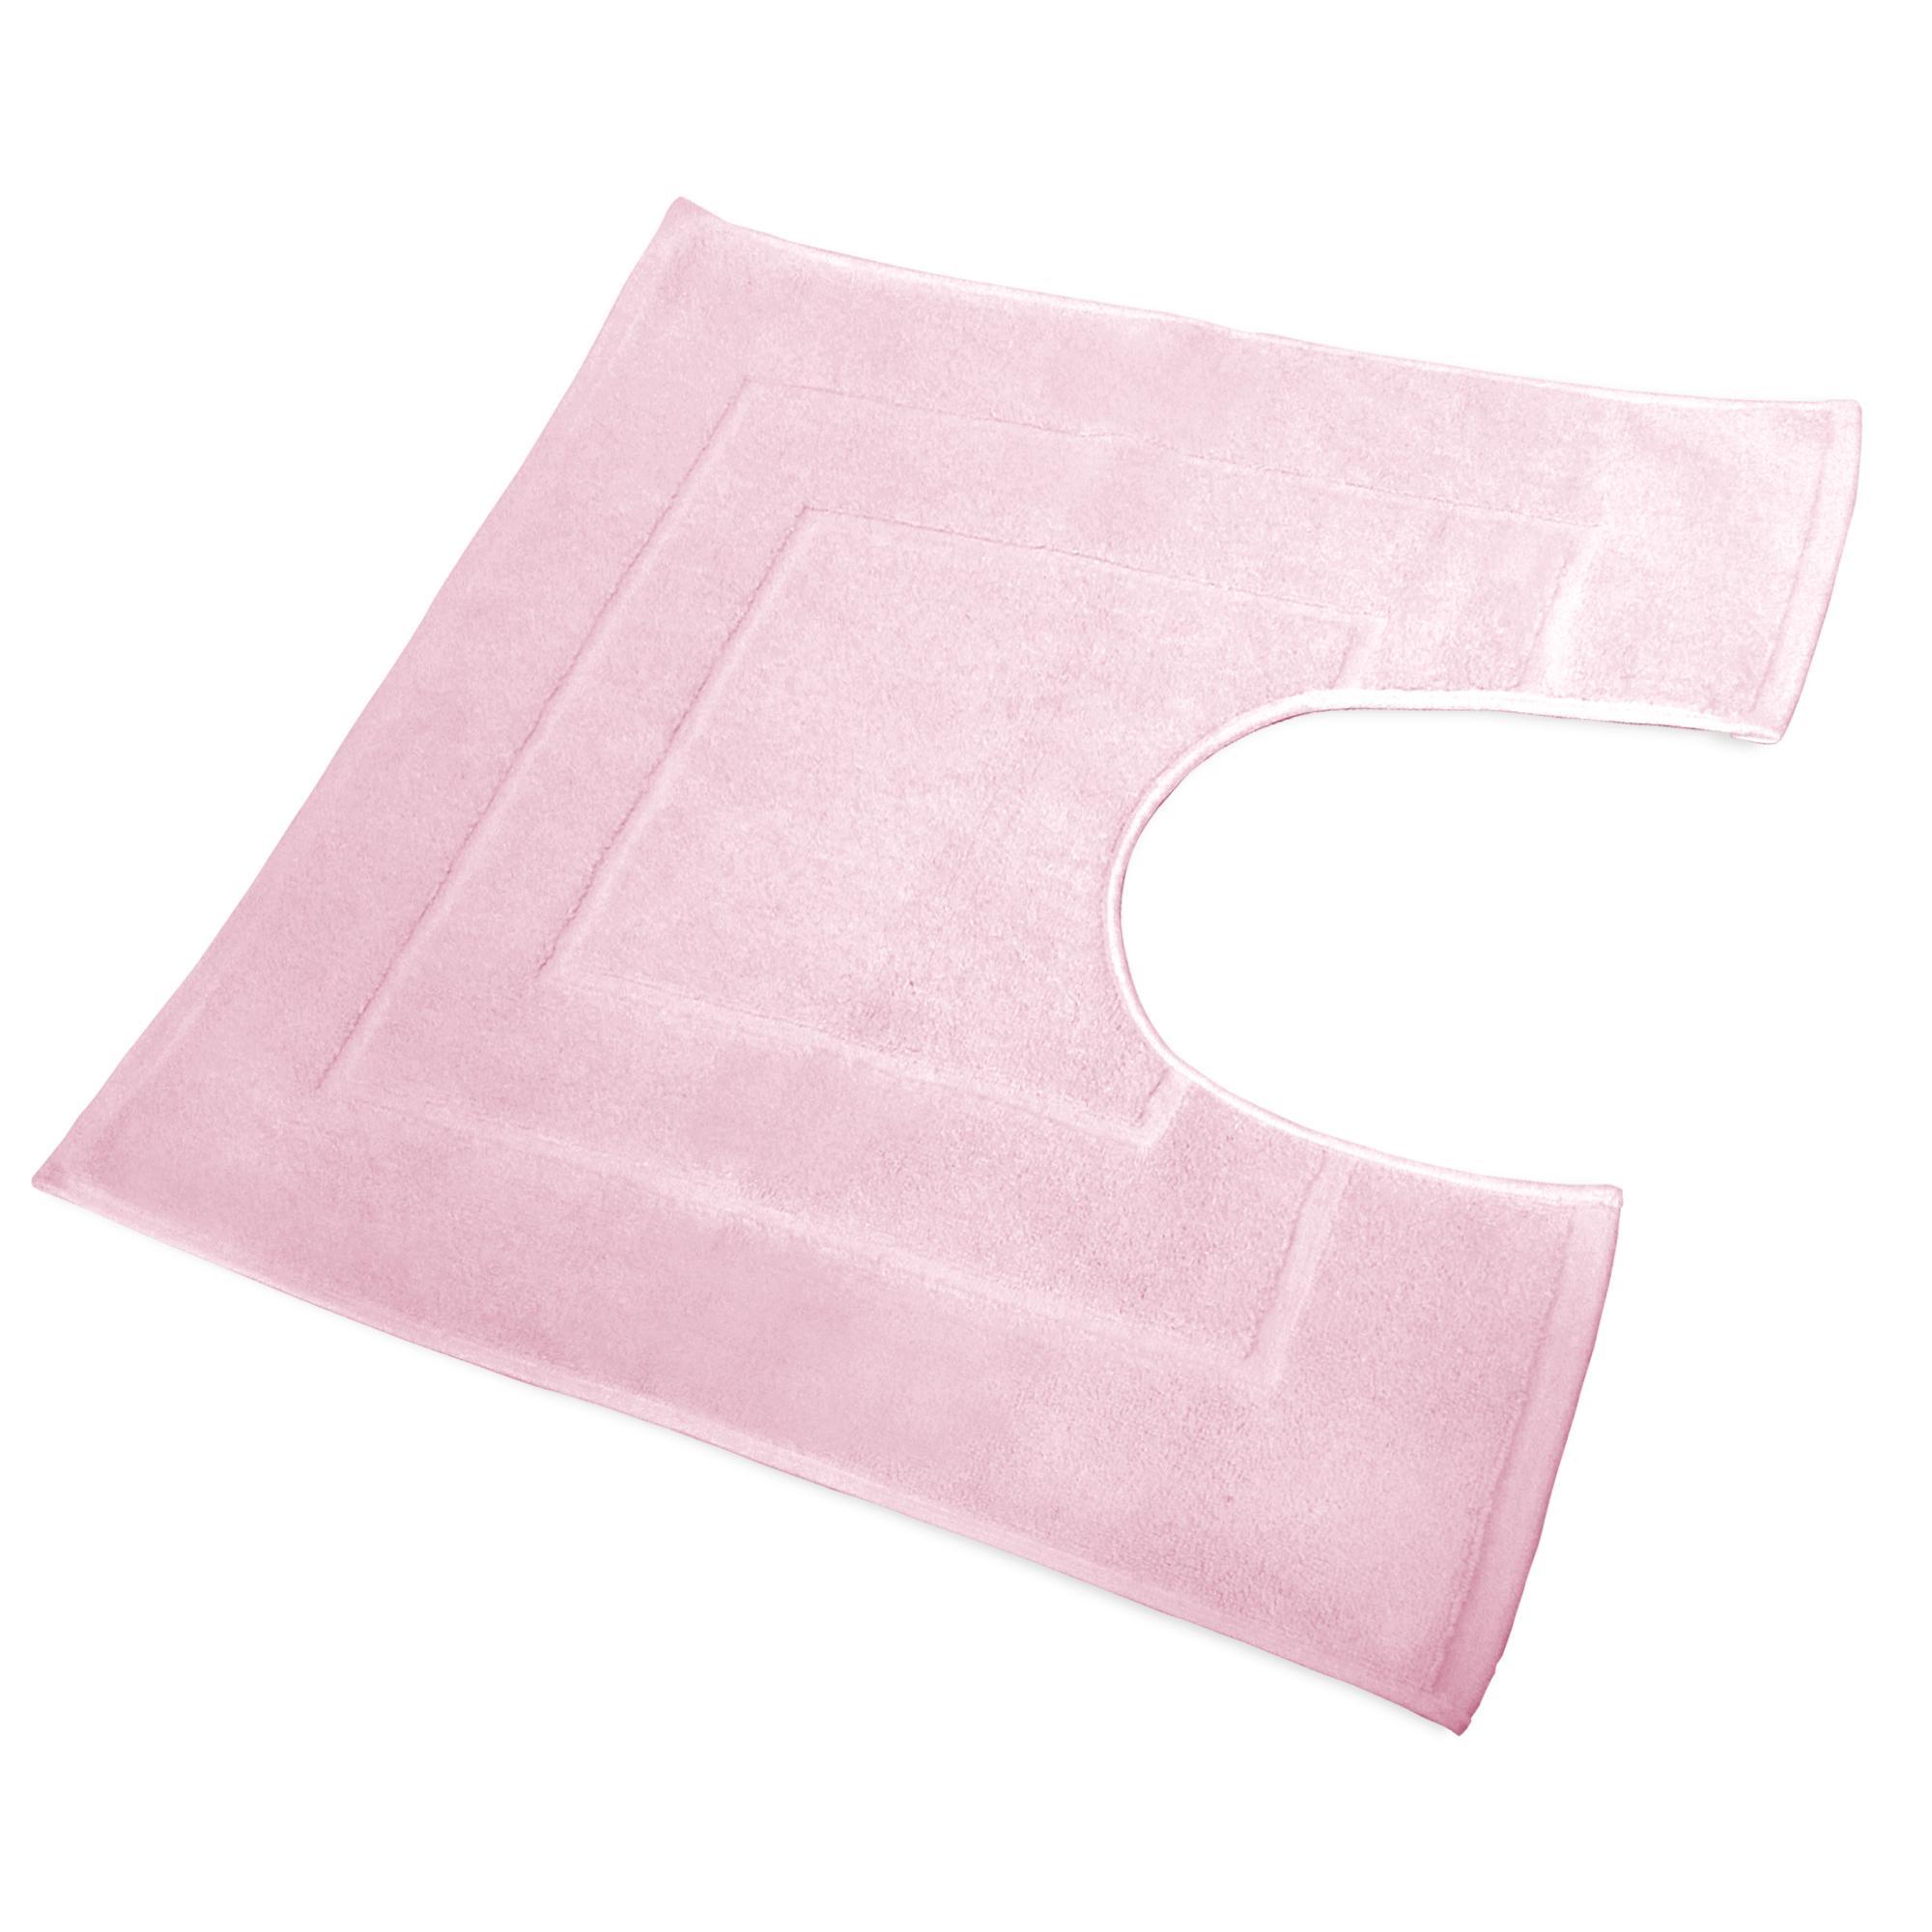 Tapis De Bain Contour Wc 60x60cm Uni Coton Flair Rose Linnea Vente